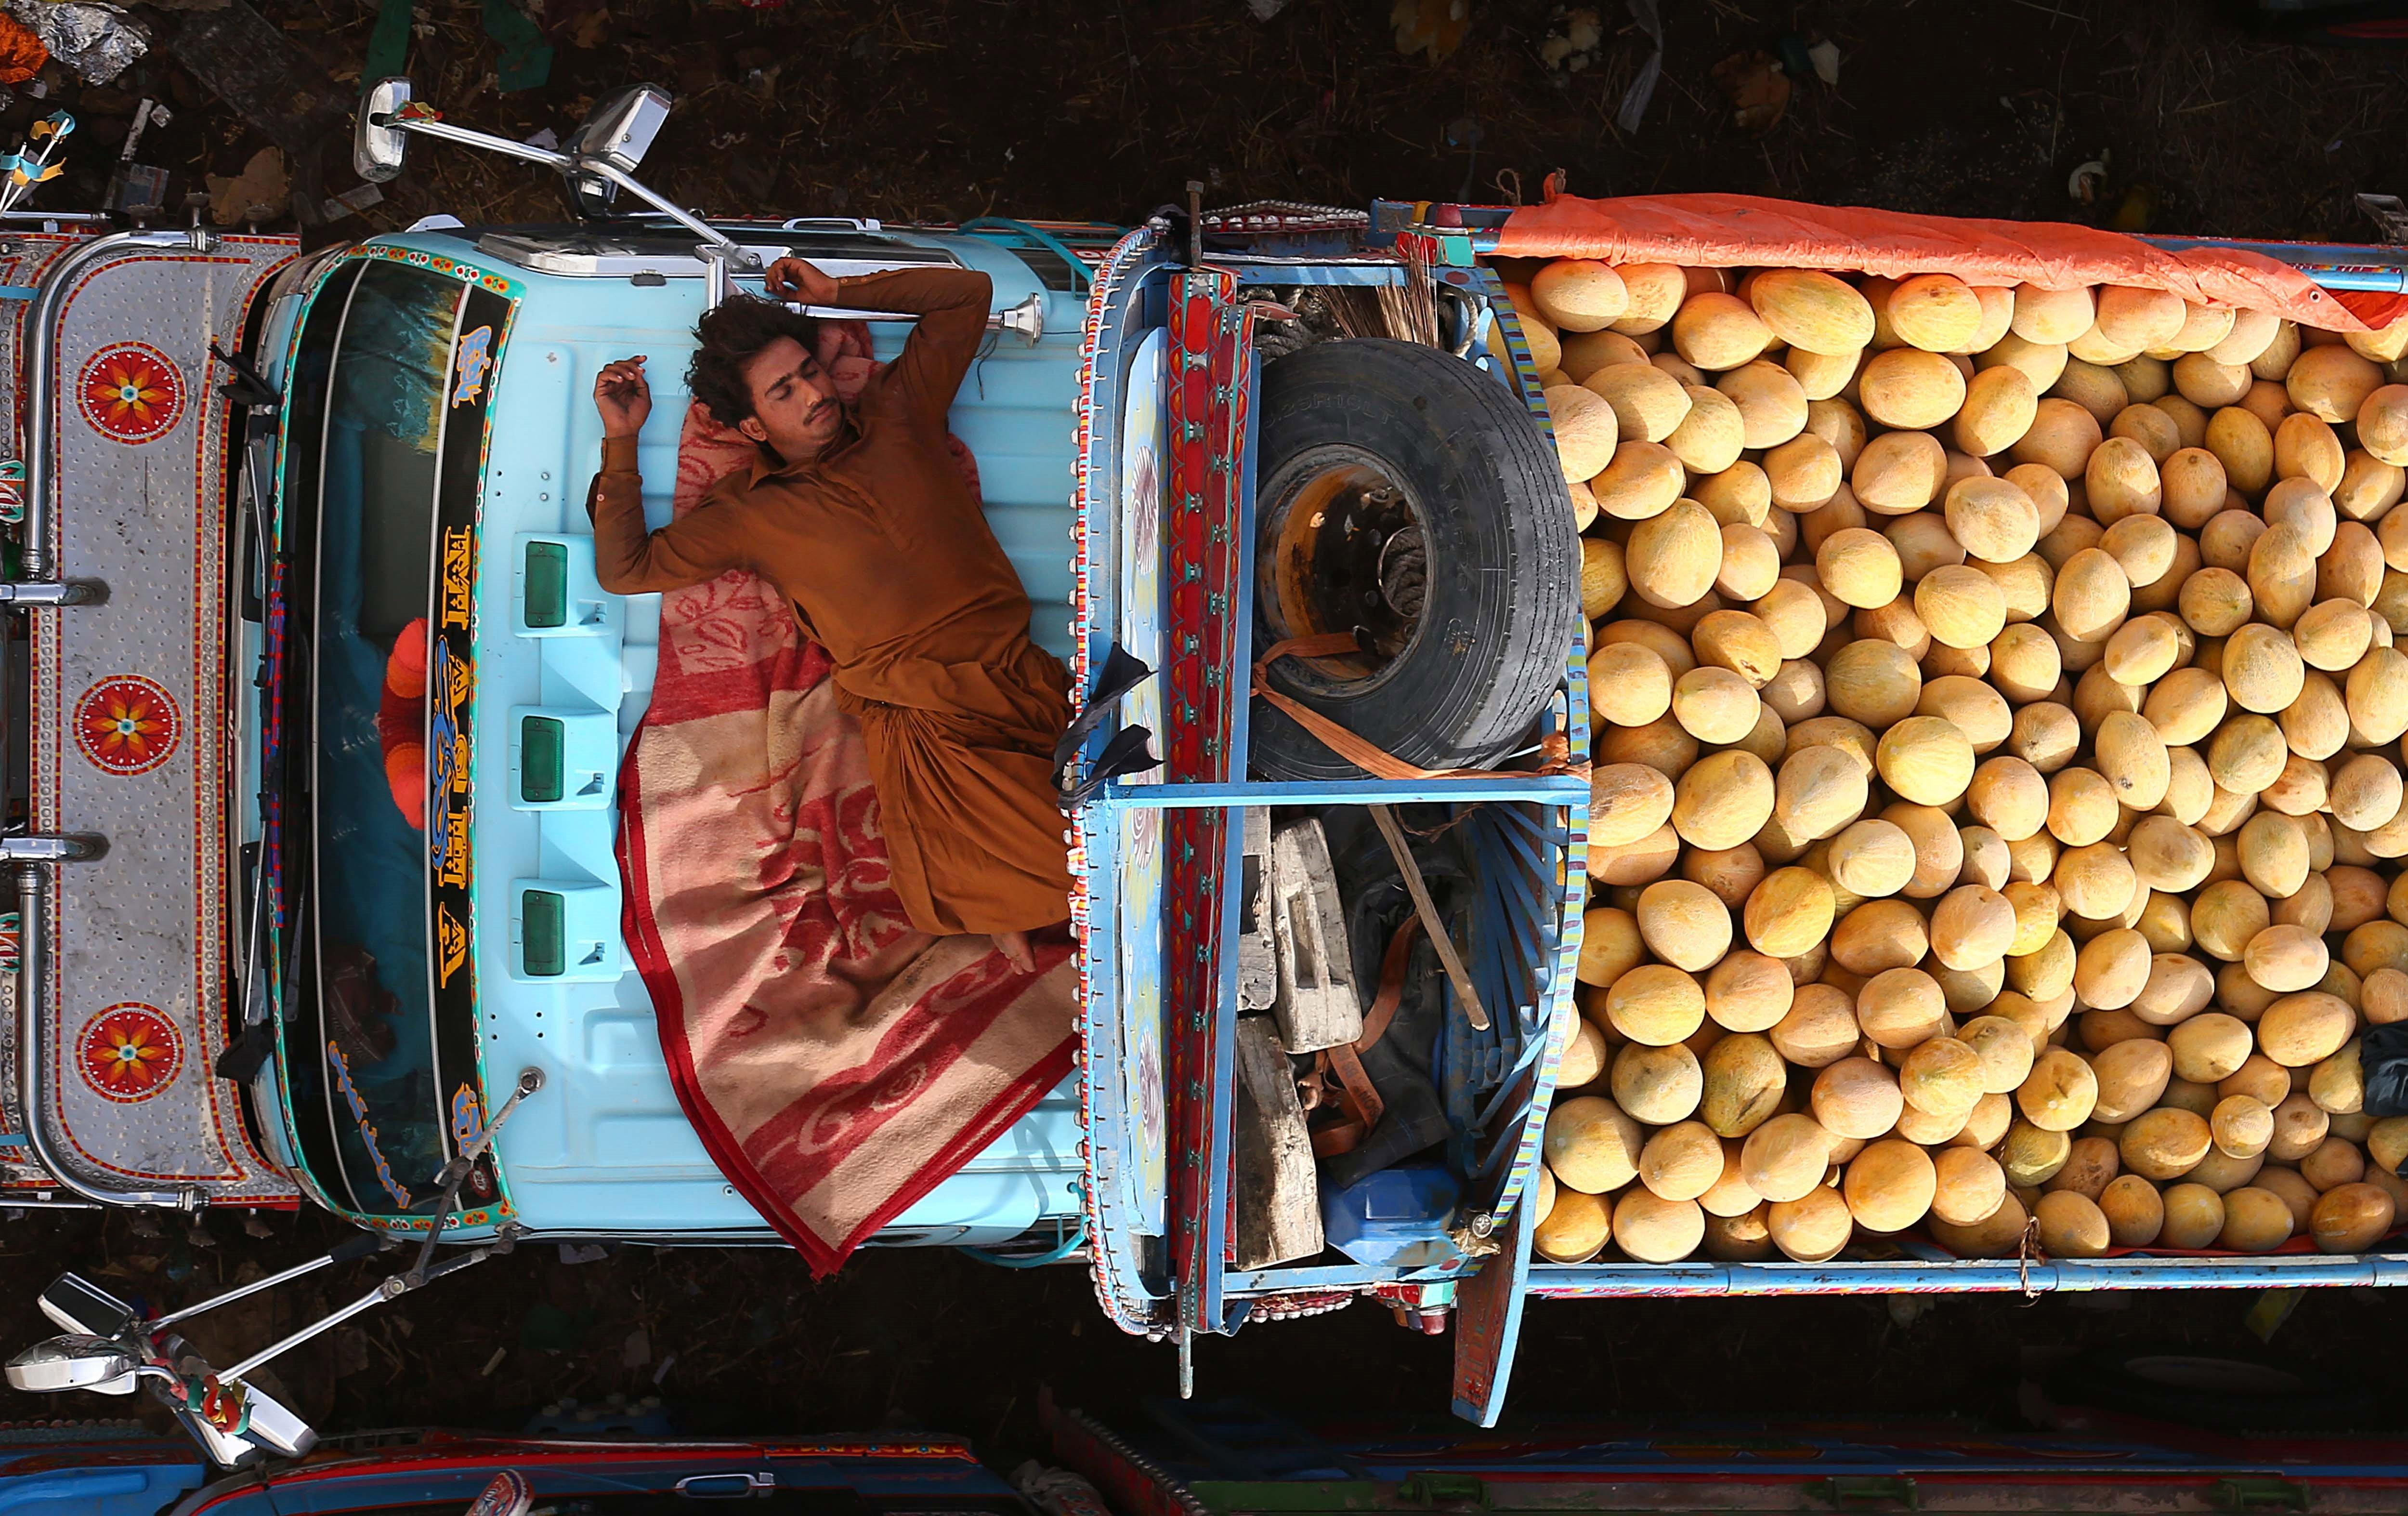 Un venedor fa una migdiada en la seva furgoneta on ven melons en un mercat a Karachi (Pakistan)  un dia abans del començament del Ramadà. /SHAHZAIB AKBER